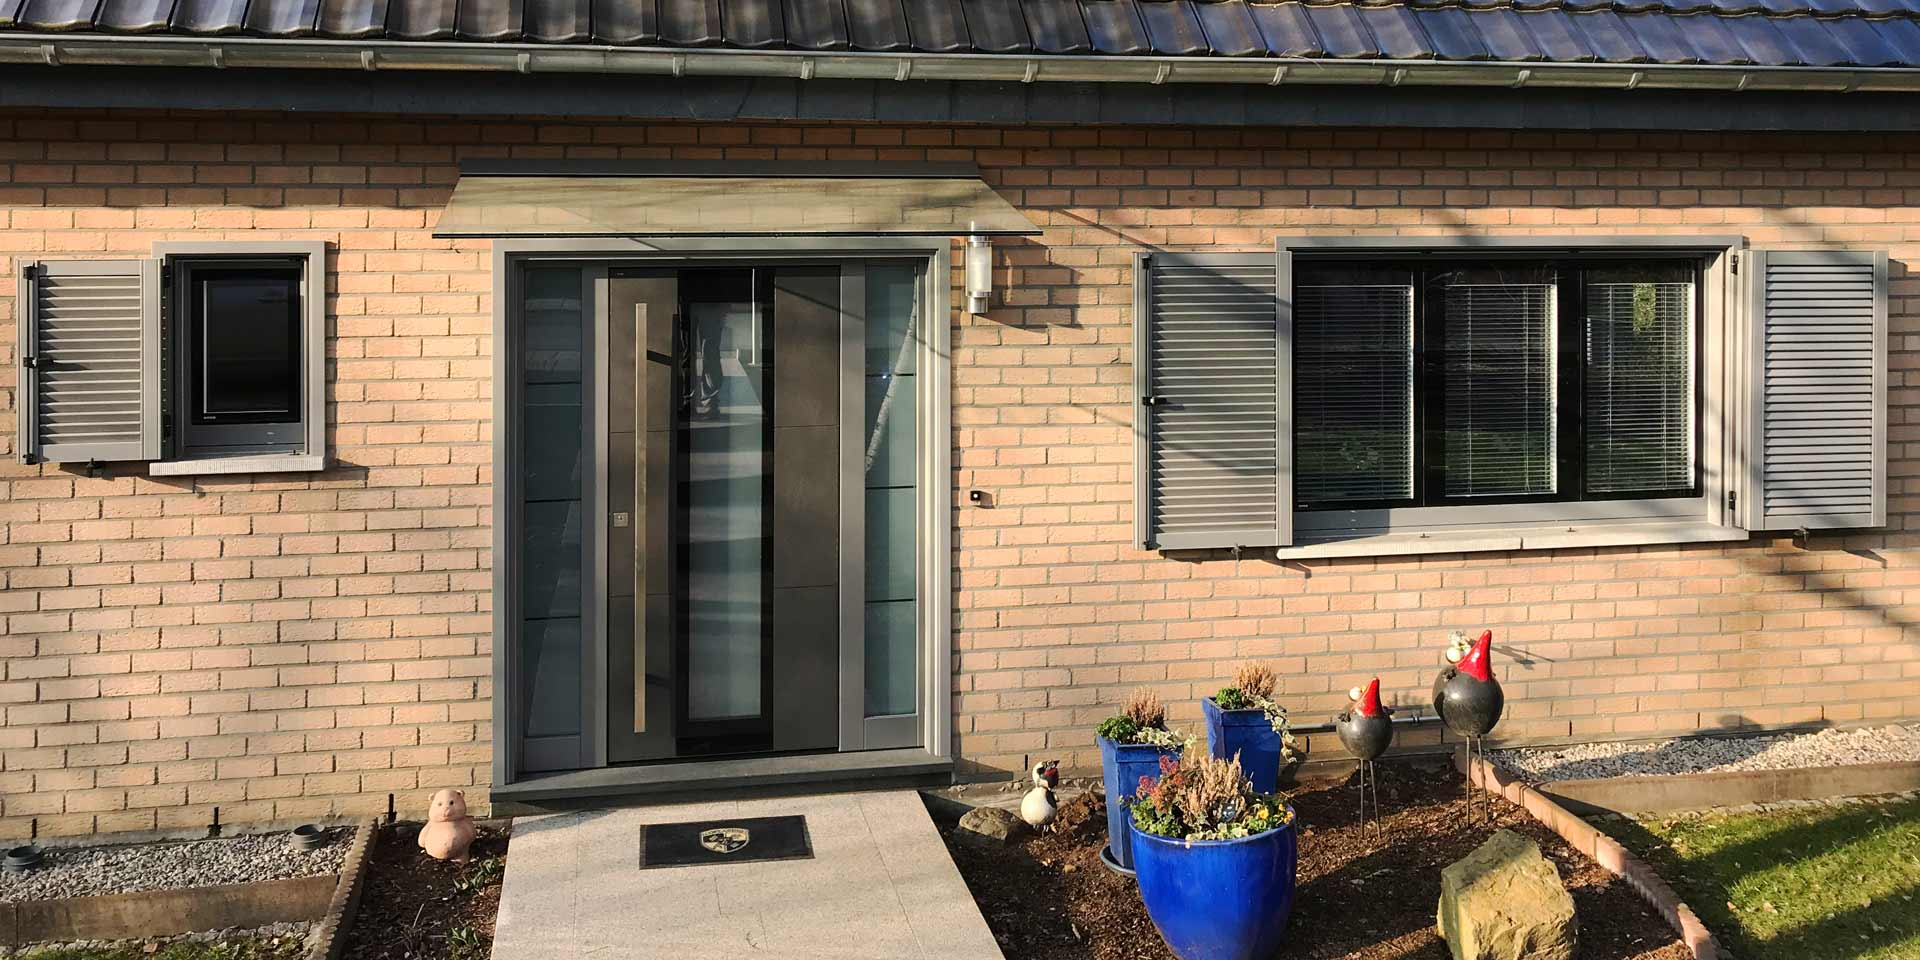 Nahaufnahme des Eingangsbereichs eines Einfamilienhauses mit Steinfassade mit Blick auf eine graue Coplaning Keramik Haustür und jeweils links und rechts davon ein graues Coplaning Holzfenster mit passenden Klappläden.